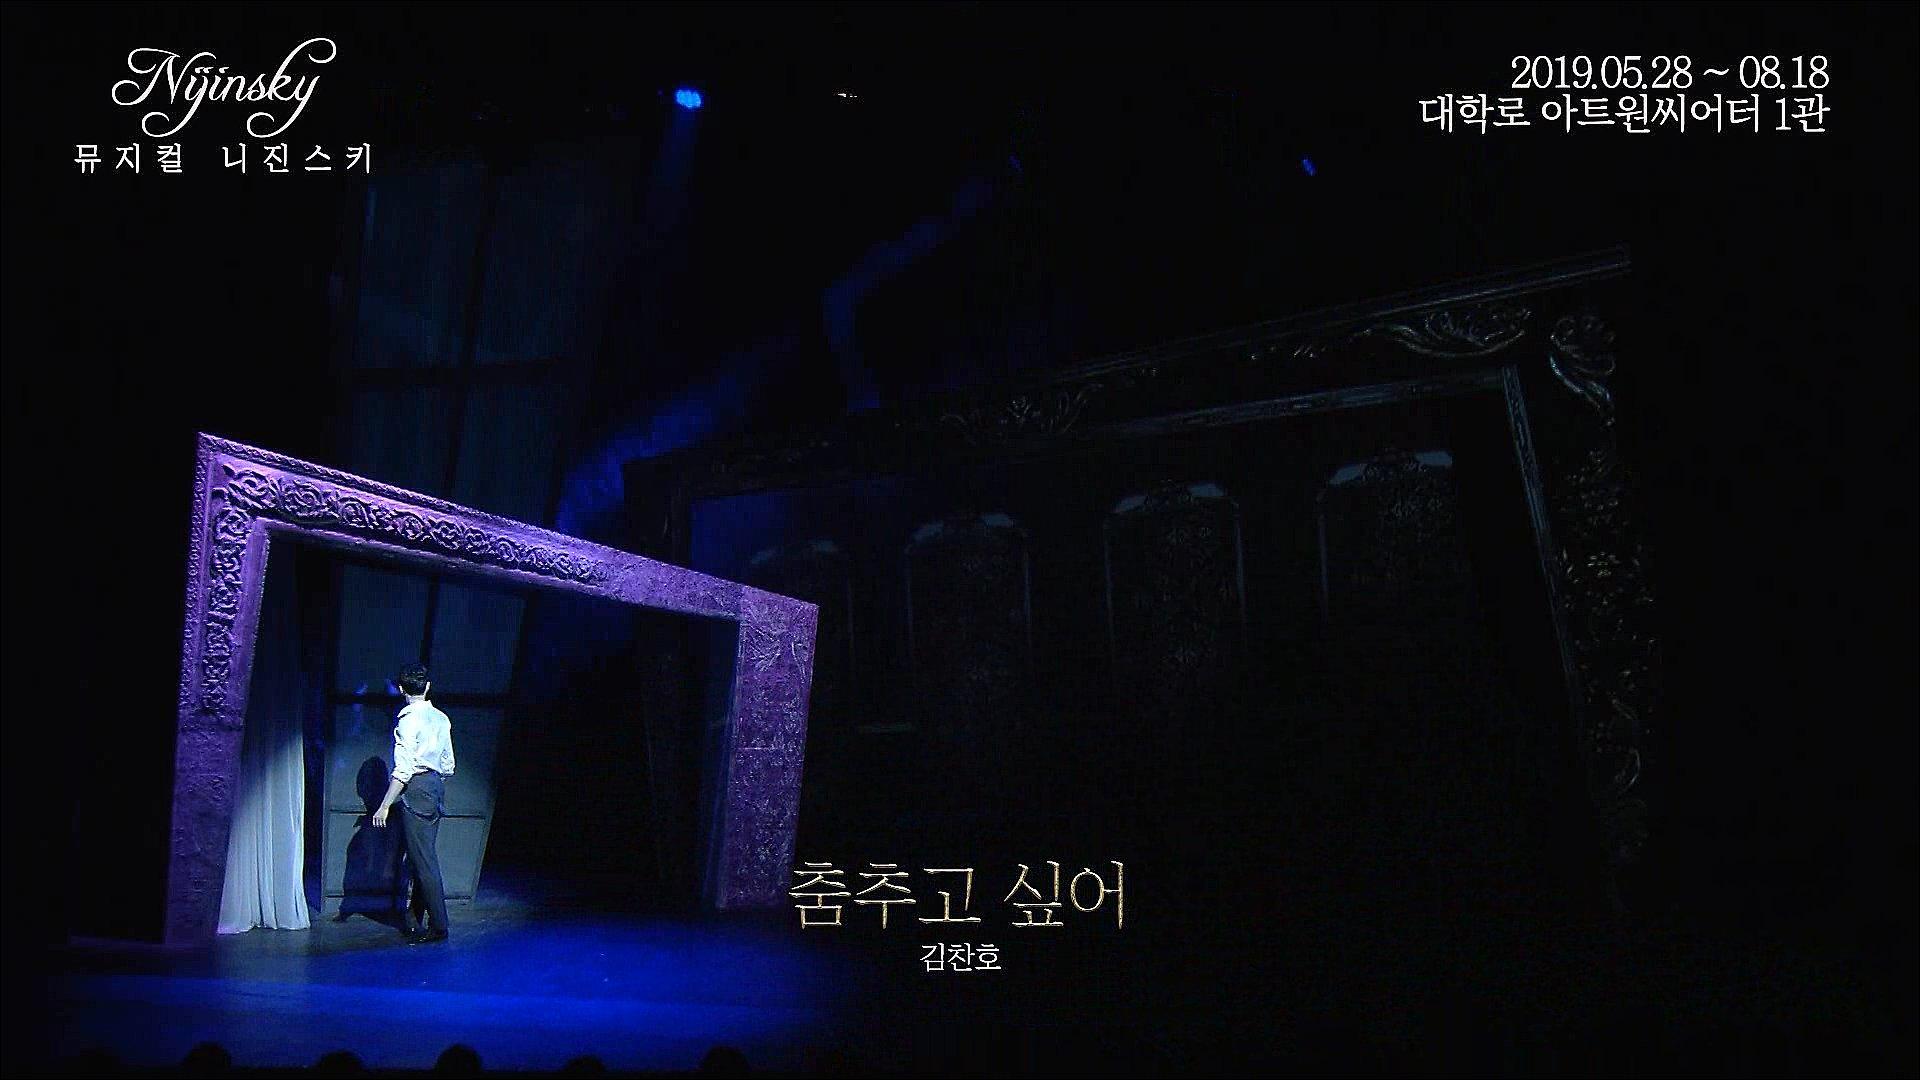 니진스키 - 춤추고 싶어 (김찬호)